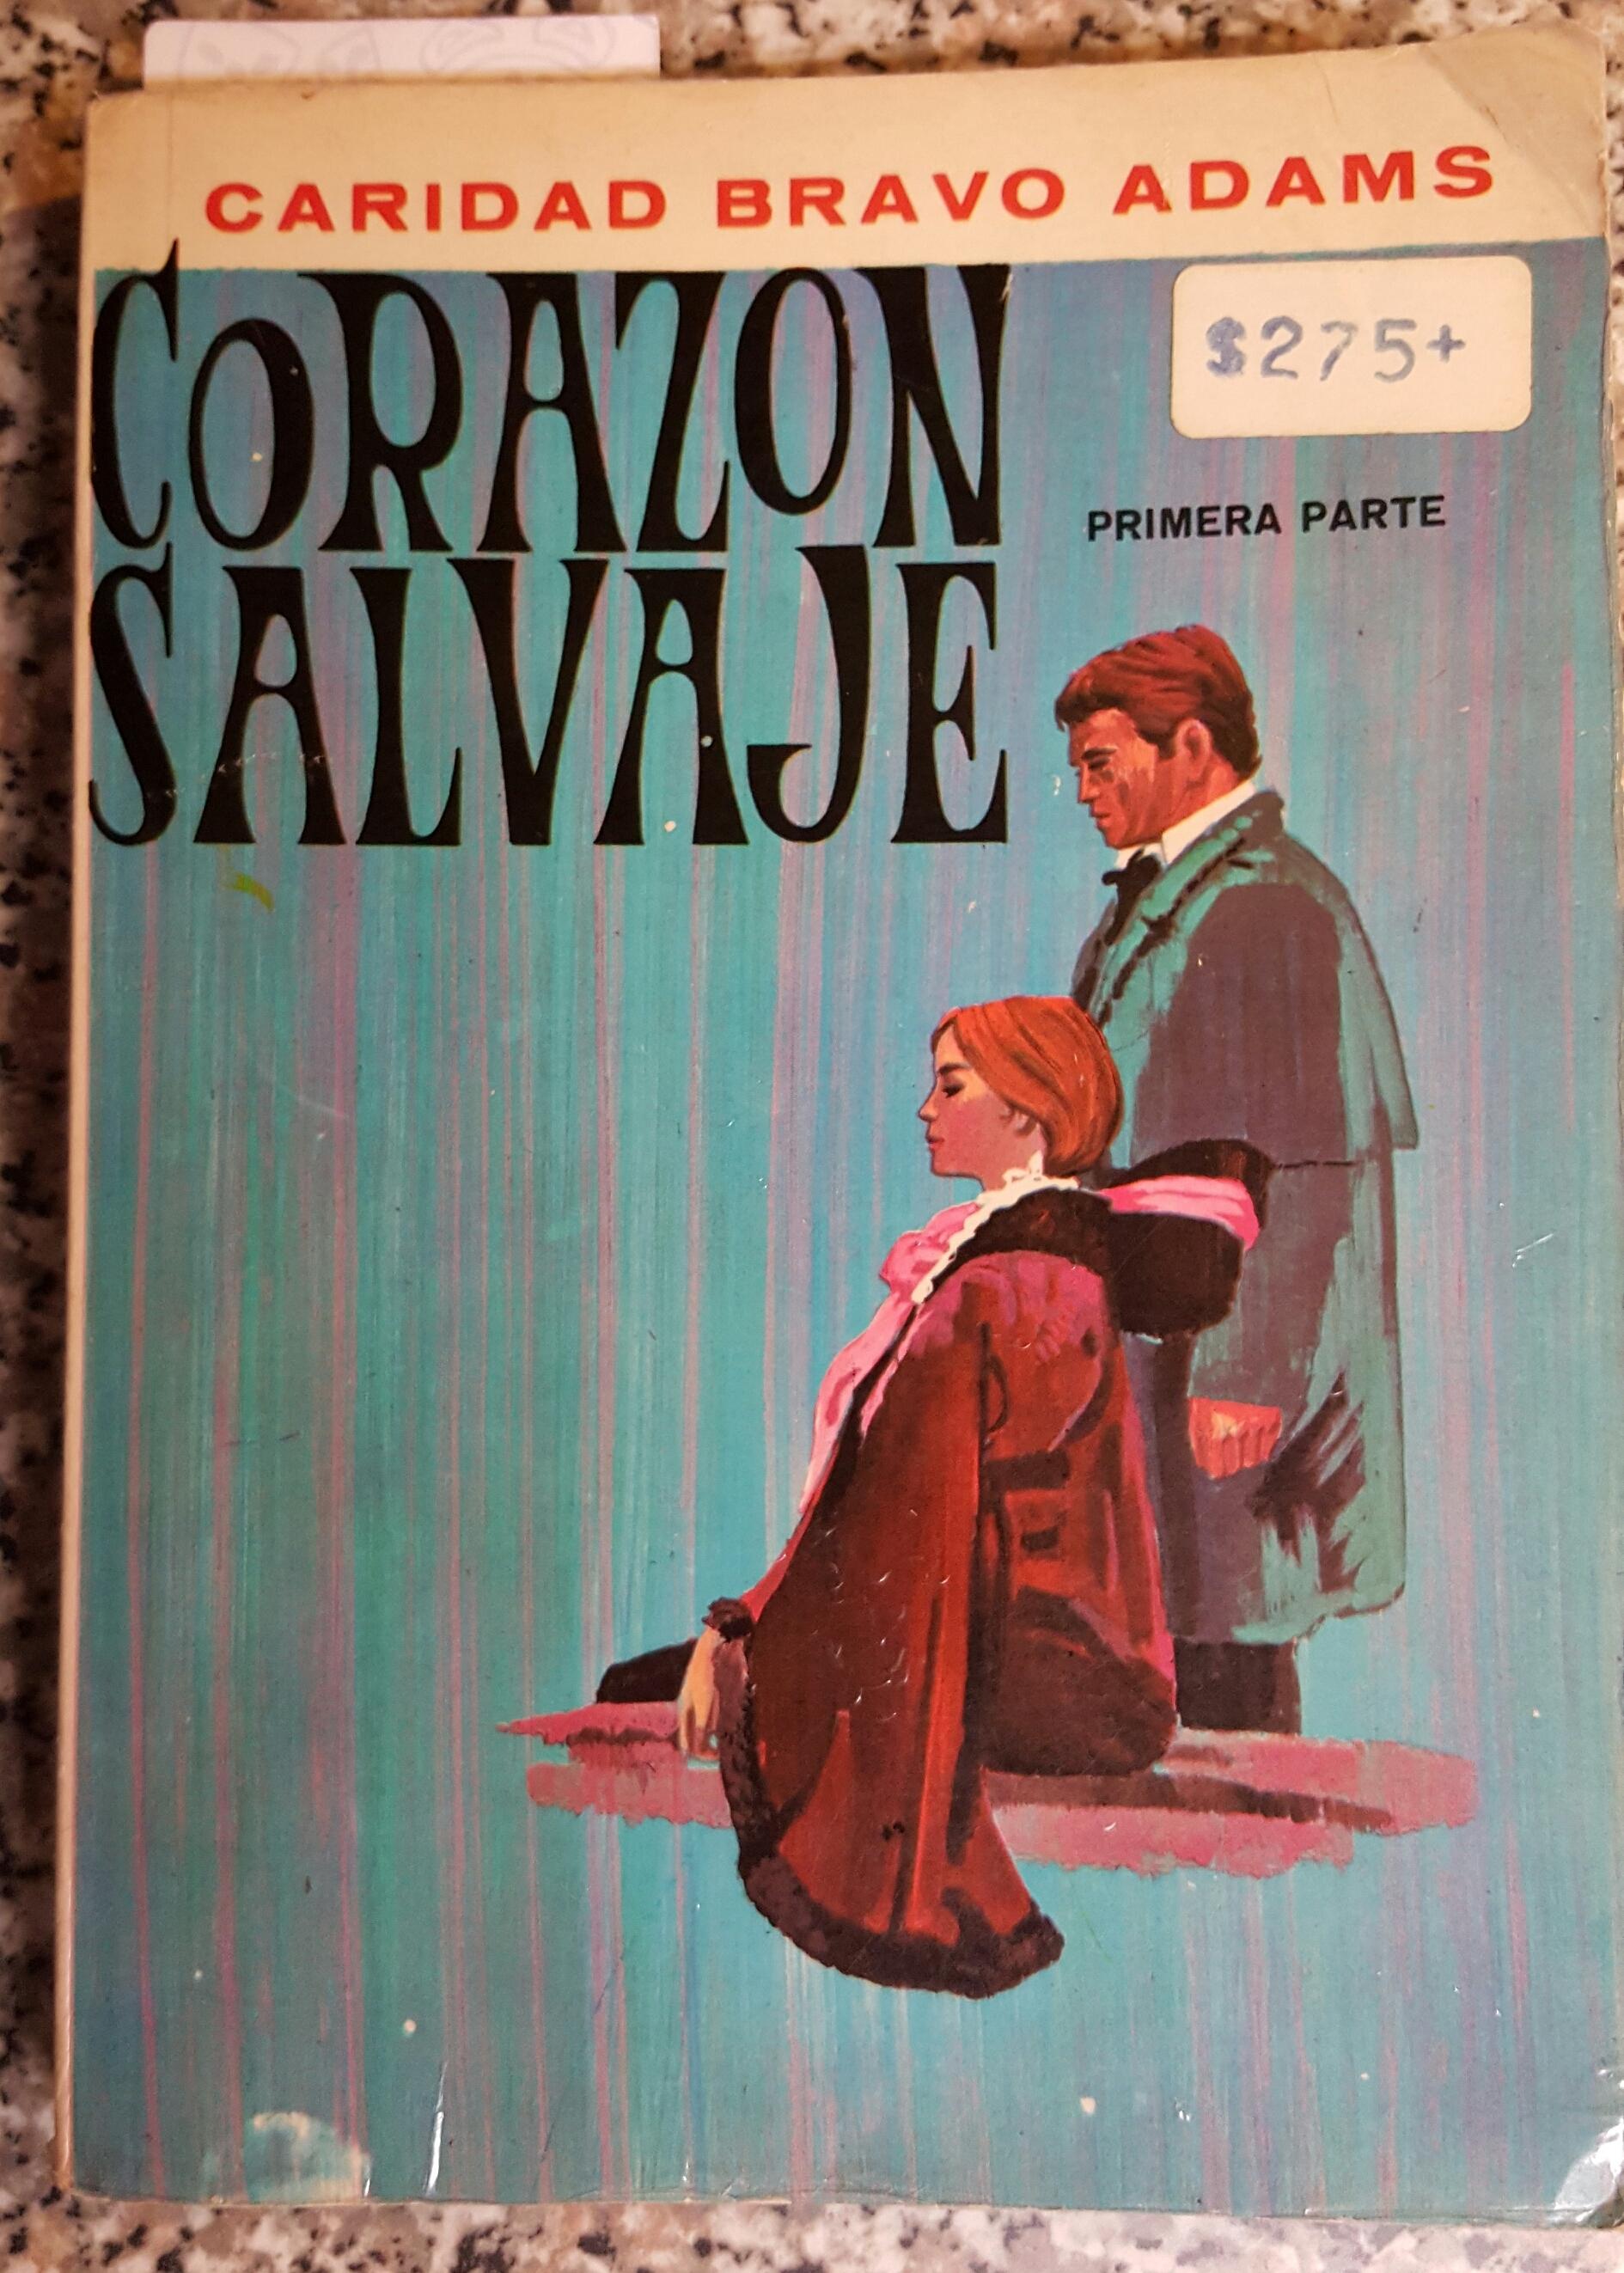 Corazón Salvaje (Corazón Salvaje, #1)  by  Caridad Bravo Adams